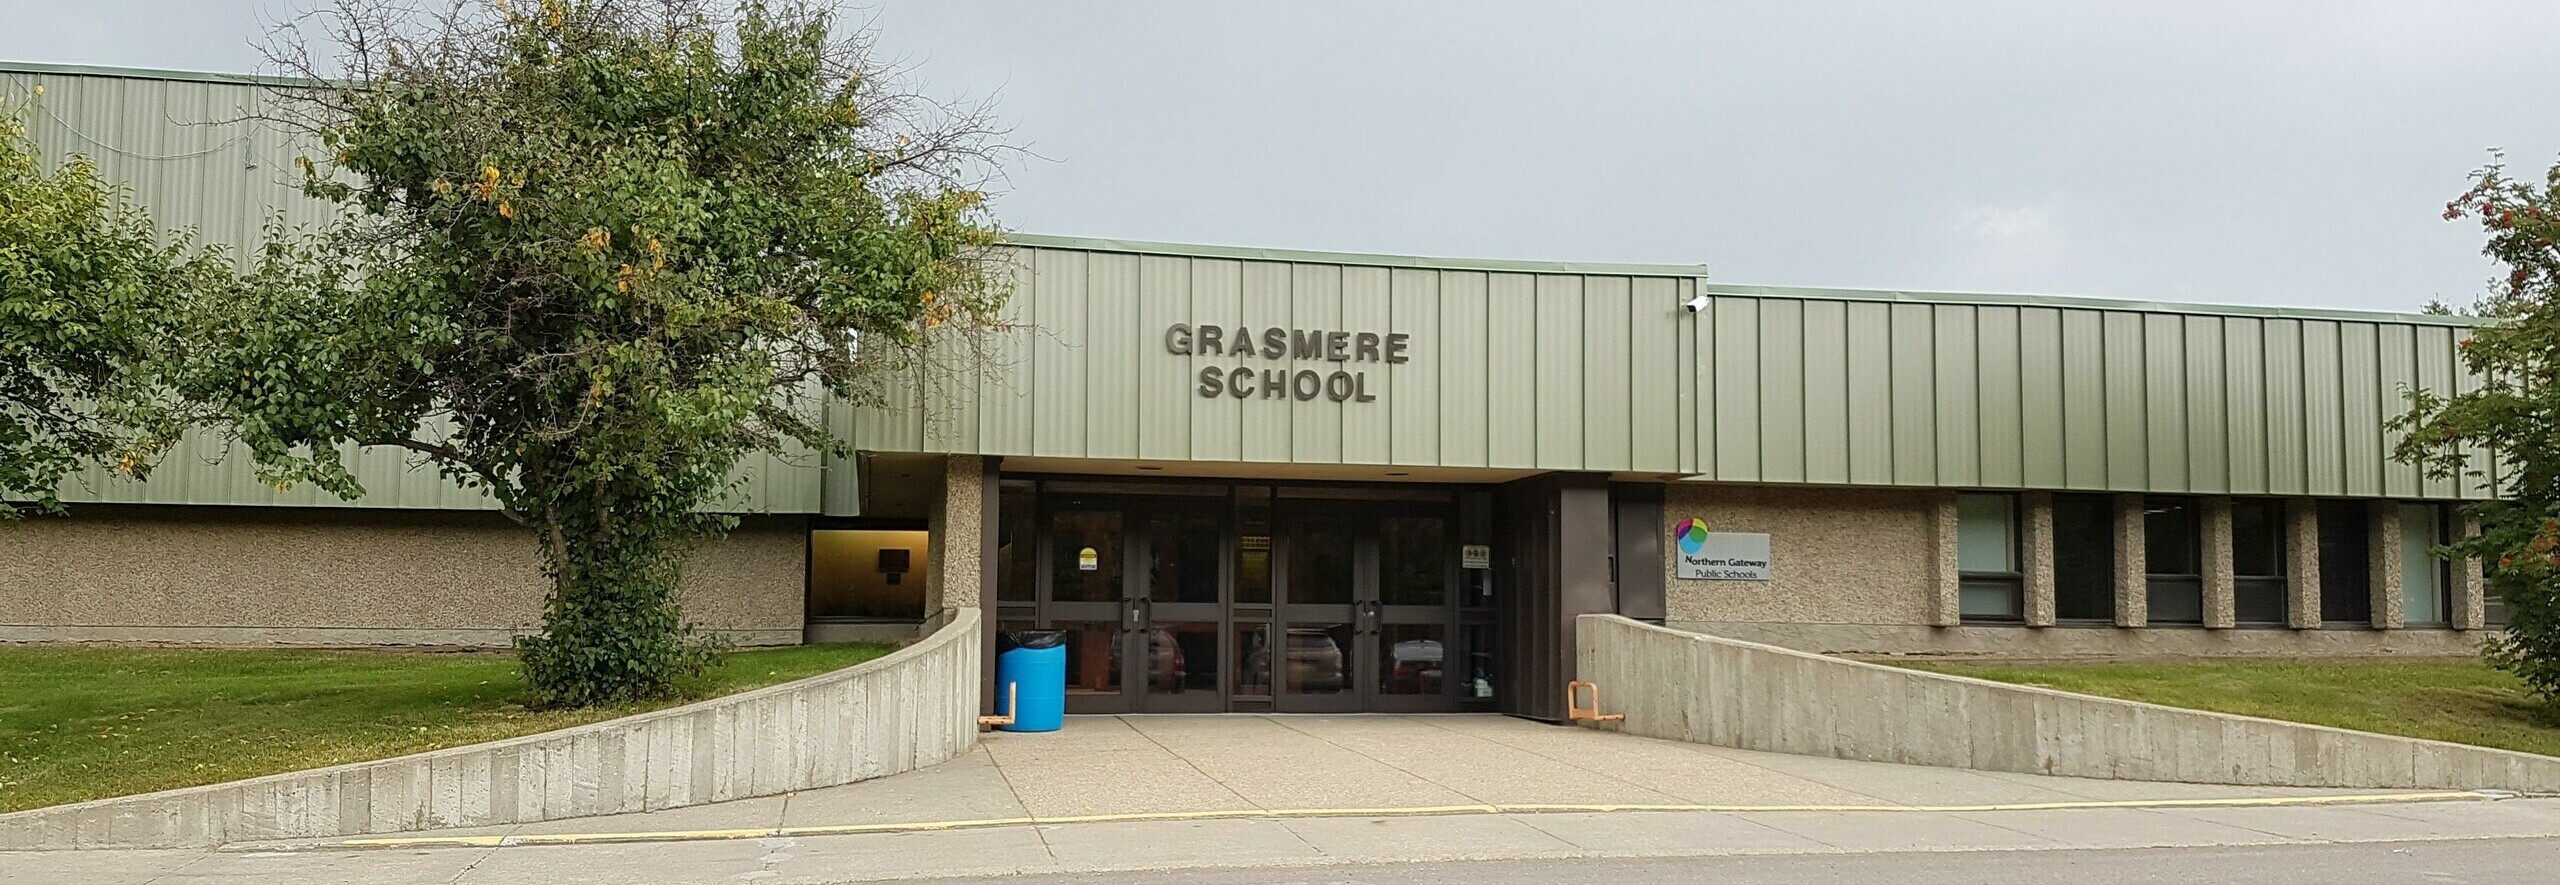 Grasmere School Banner Photo